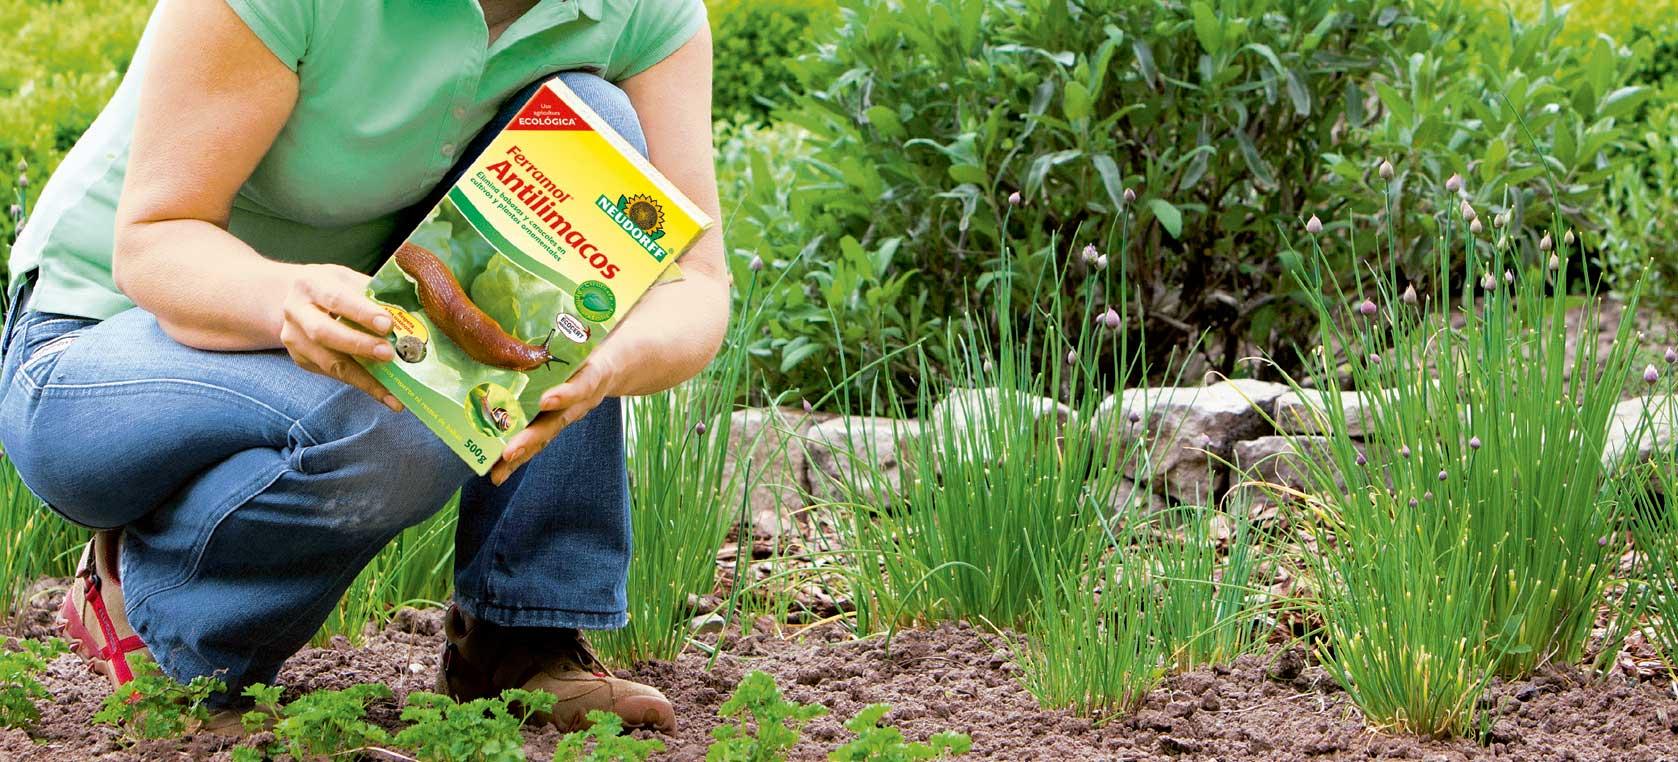 Cómo combatir plagas de babosas y caracoles - Centro de Jardinería Gorbeia